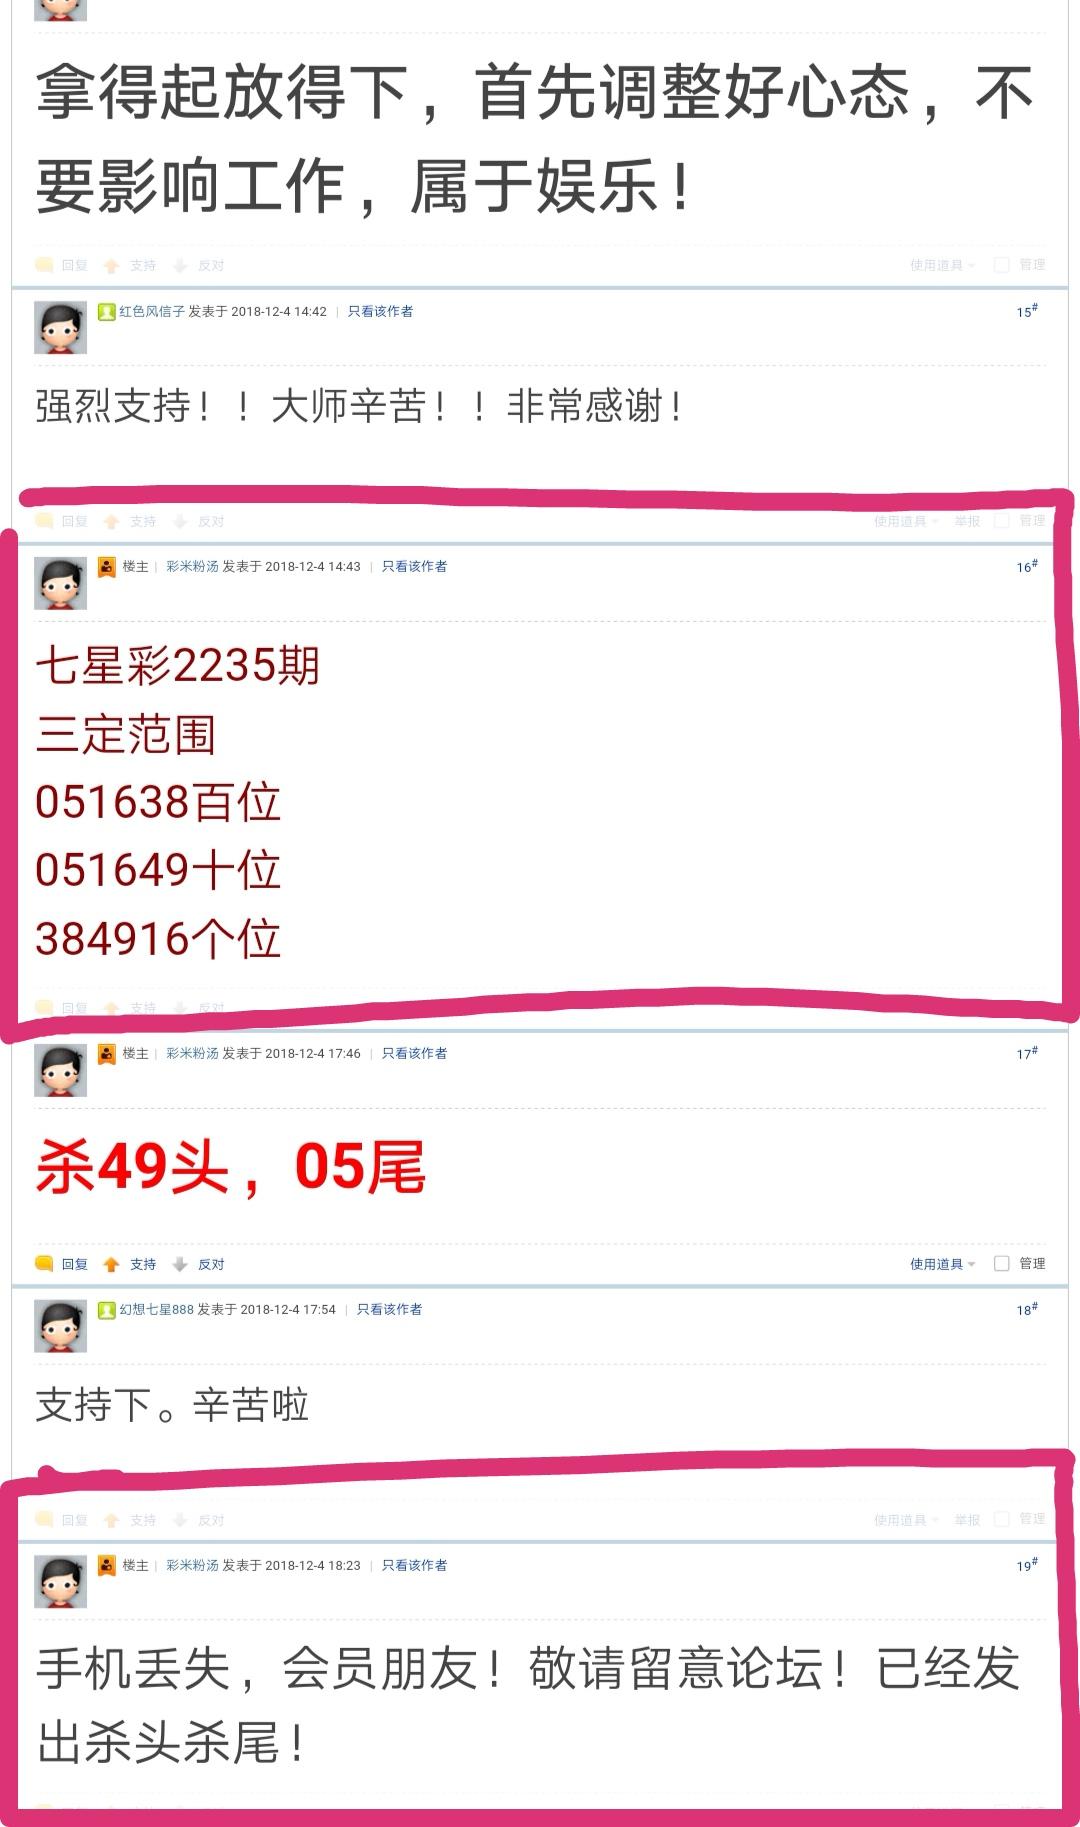 Screenshot_20181204_204032.jpg